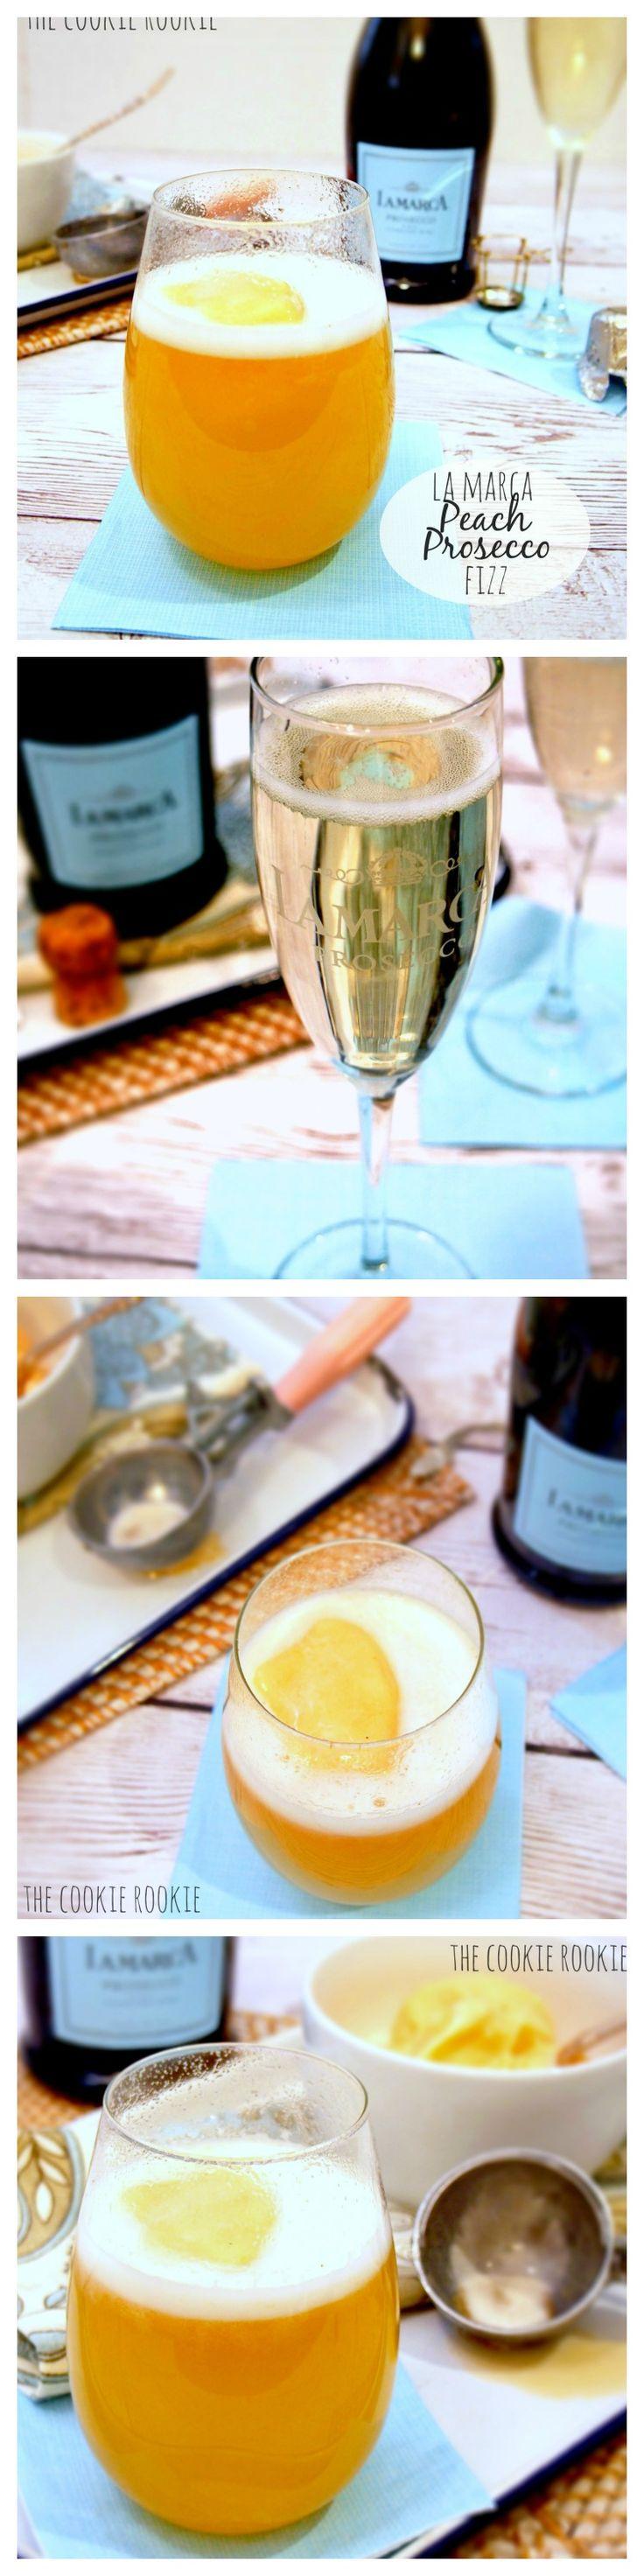 Peach Prosecco Fizz, the perfect #bridal #brunch cocktail!! Peach sorbet and LaMarca Prosecco.  YUM!